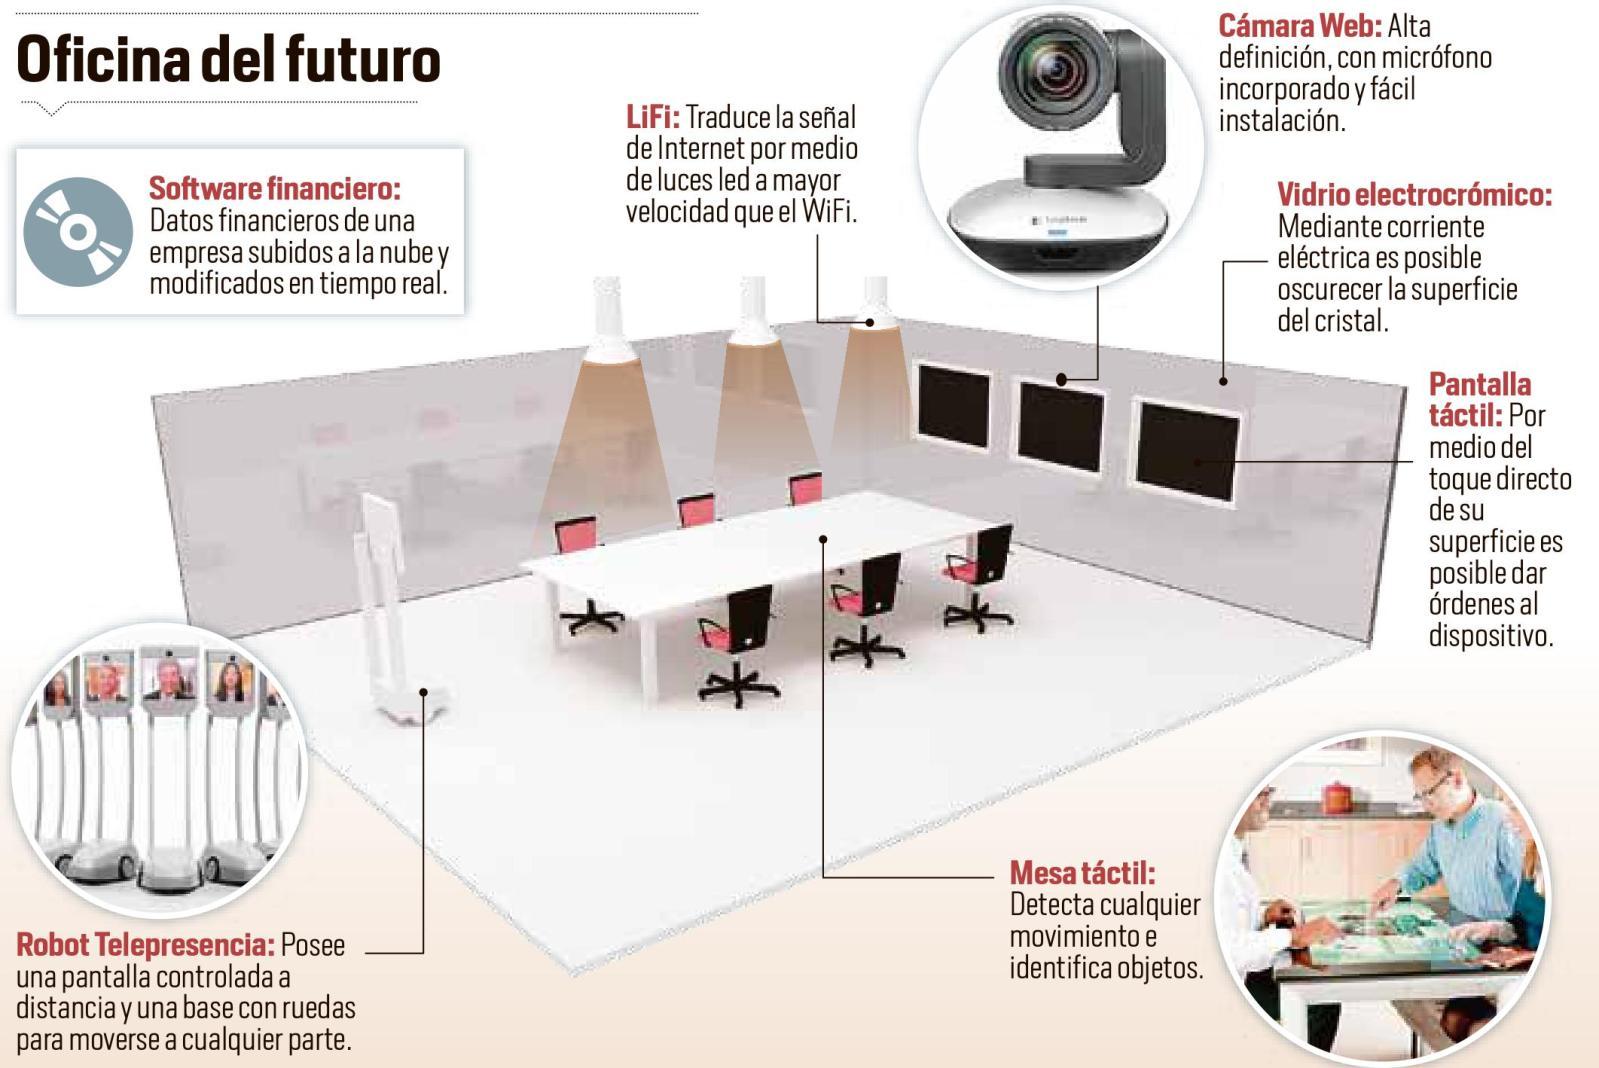 Oficina del futuro